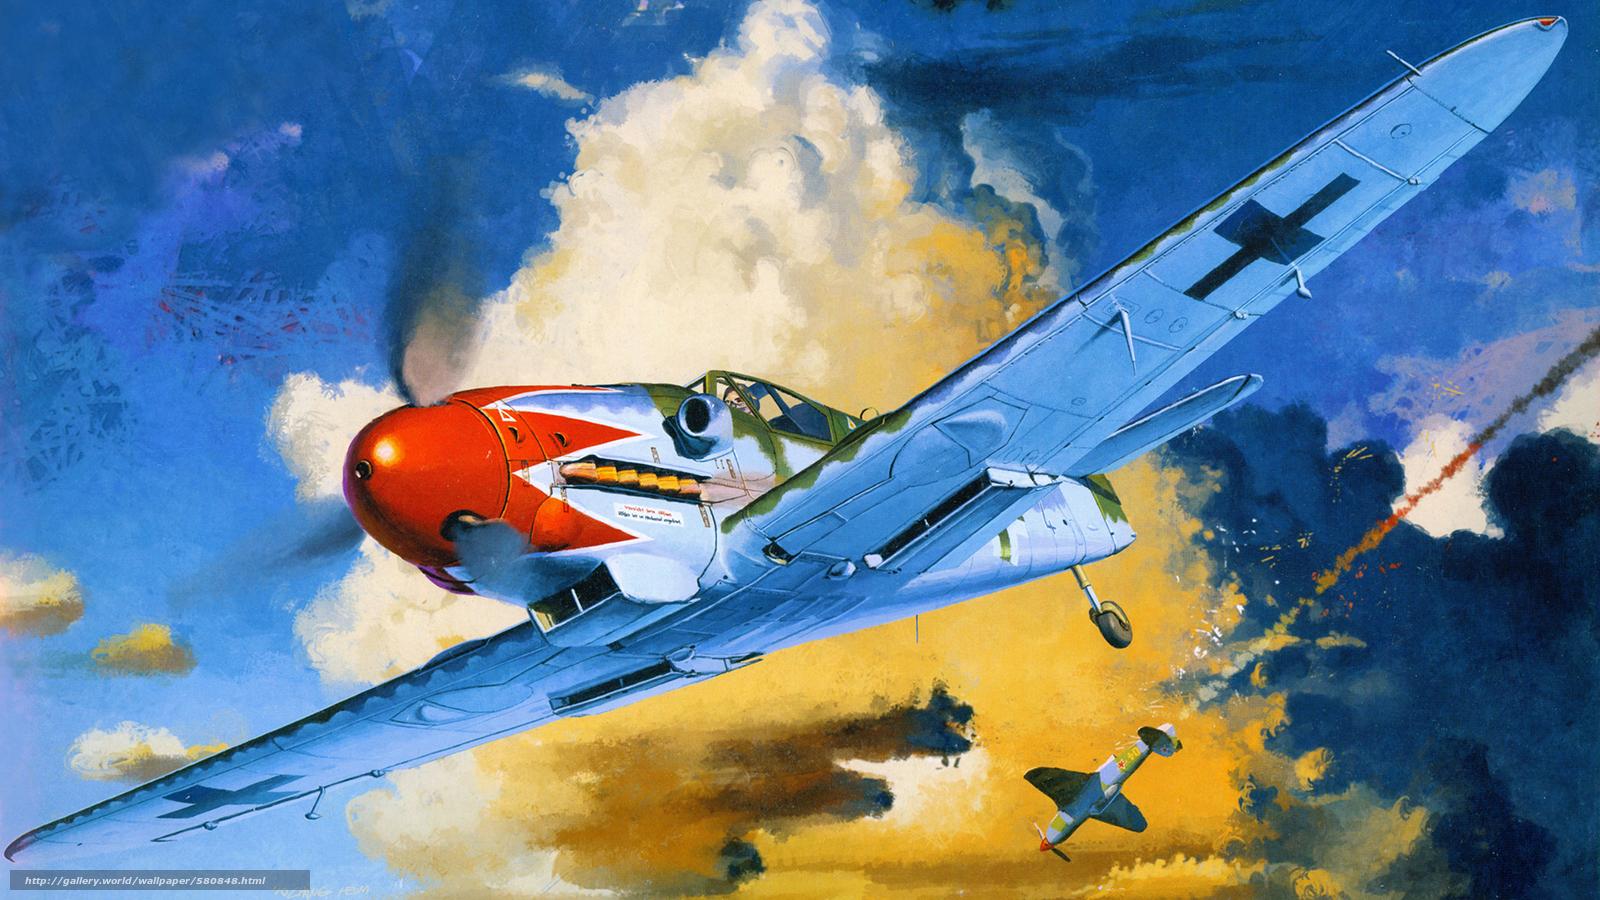 Скачать обои бой,  арт,  истребитель,  самолёты бесплатно для рабочего стола в разрешении 1920x1080 — картинка №580848